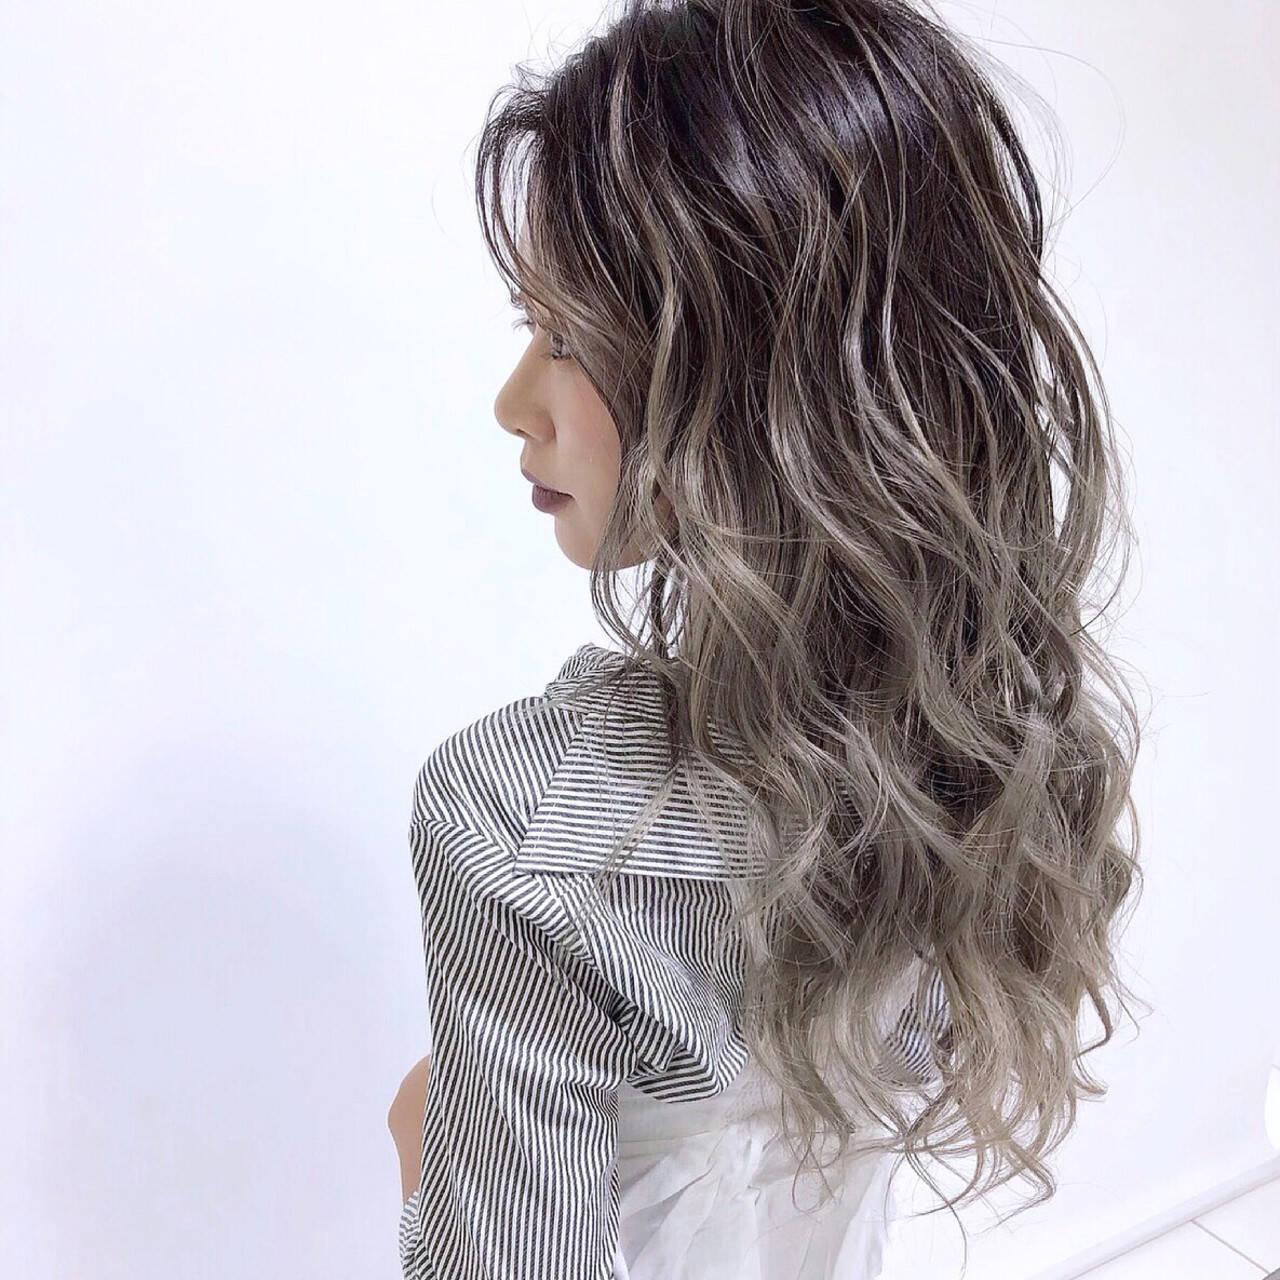 ブリーチカラー 外国人風カラー バレイヤージュ ロングヘアスタイルや髪型の写真・画像